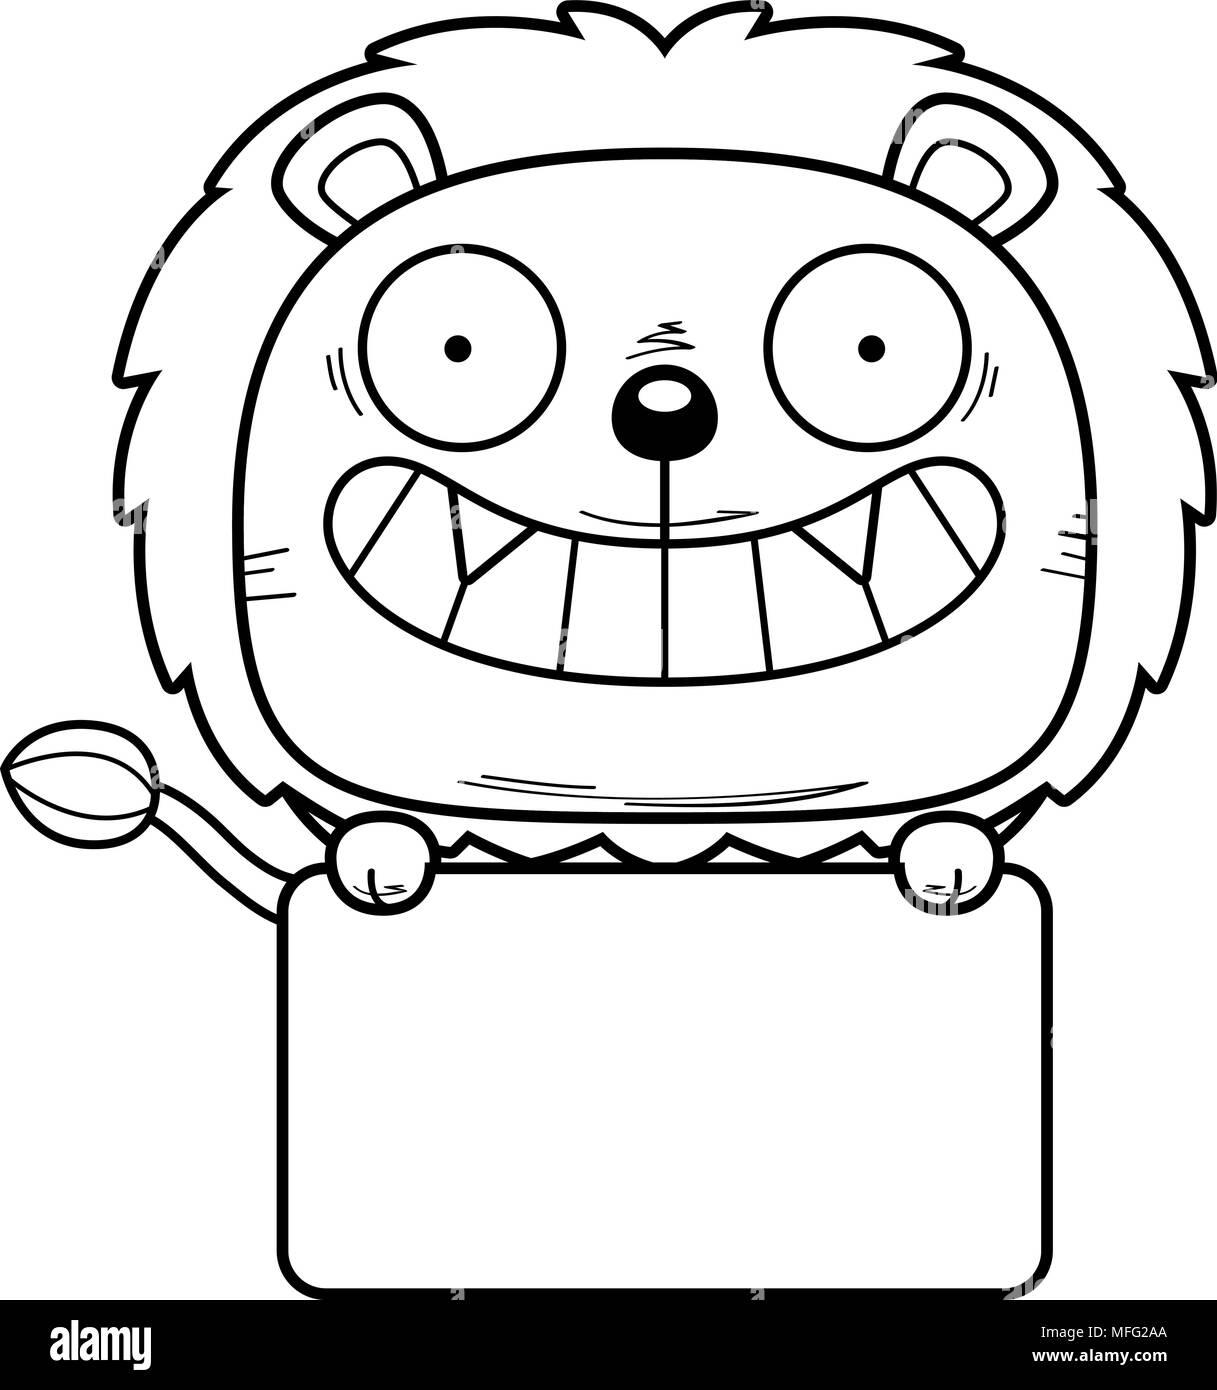 Una caricatura de la ilustración de un cachorro de león con un ...